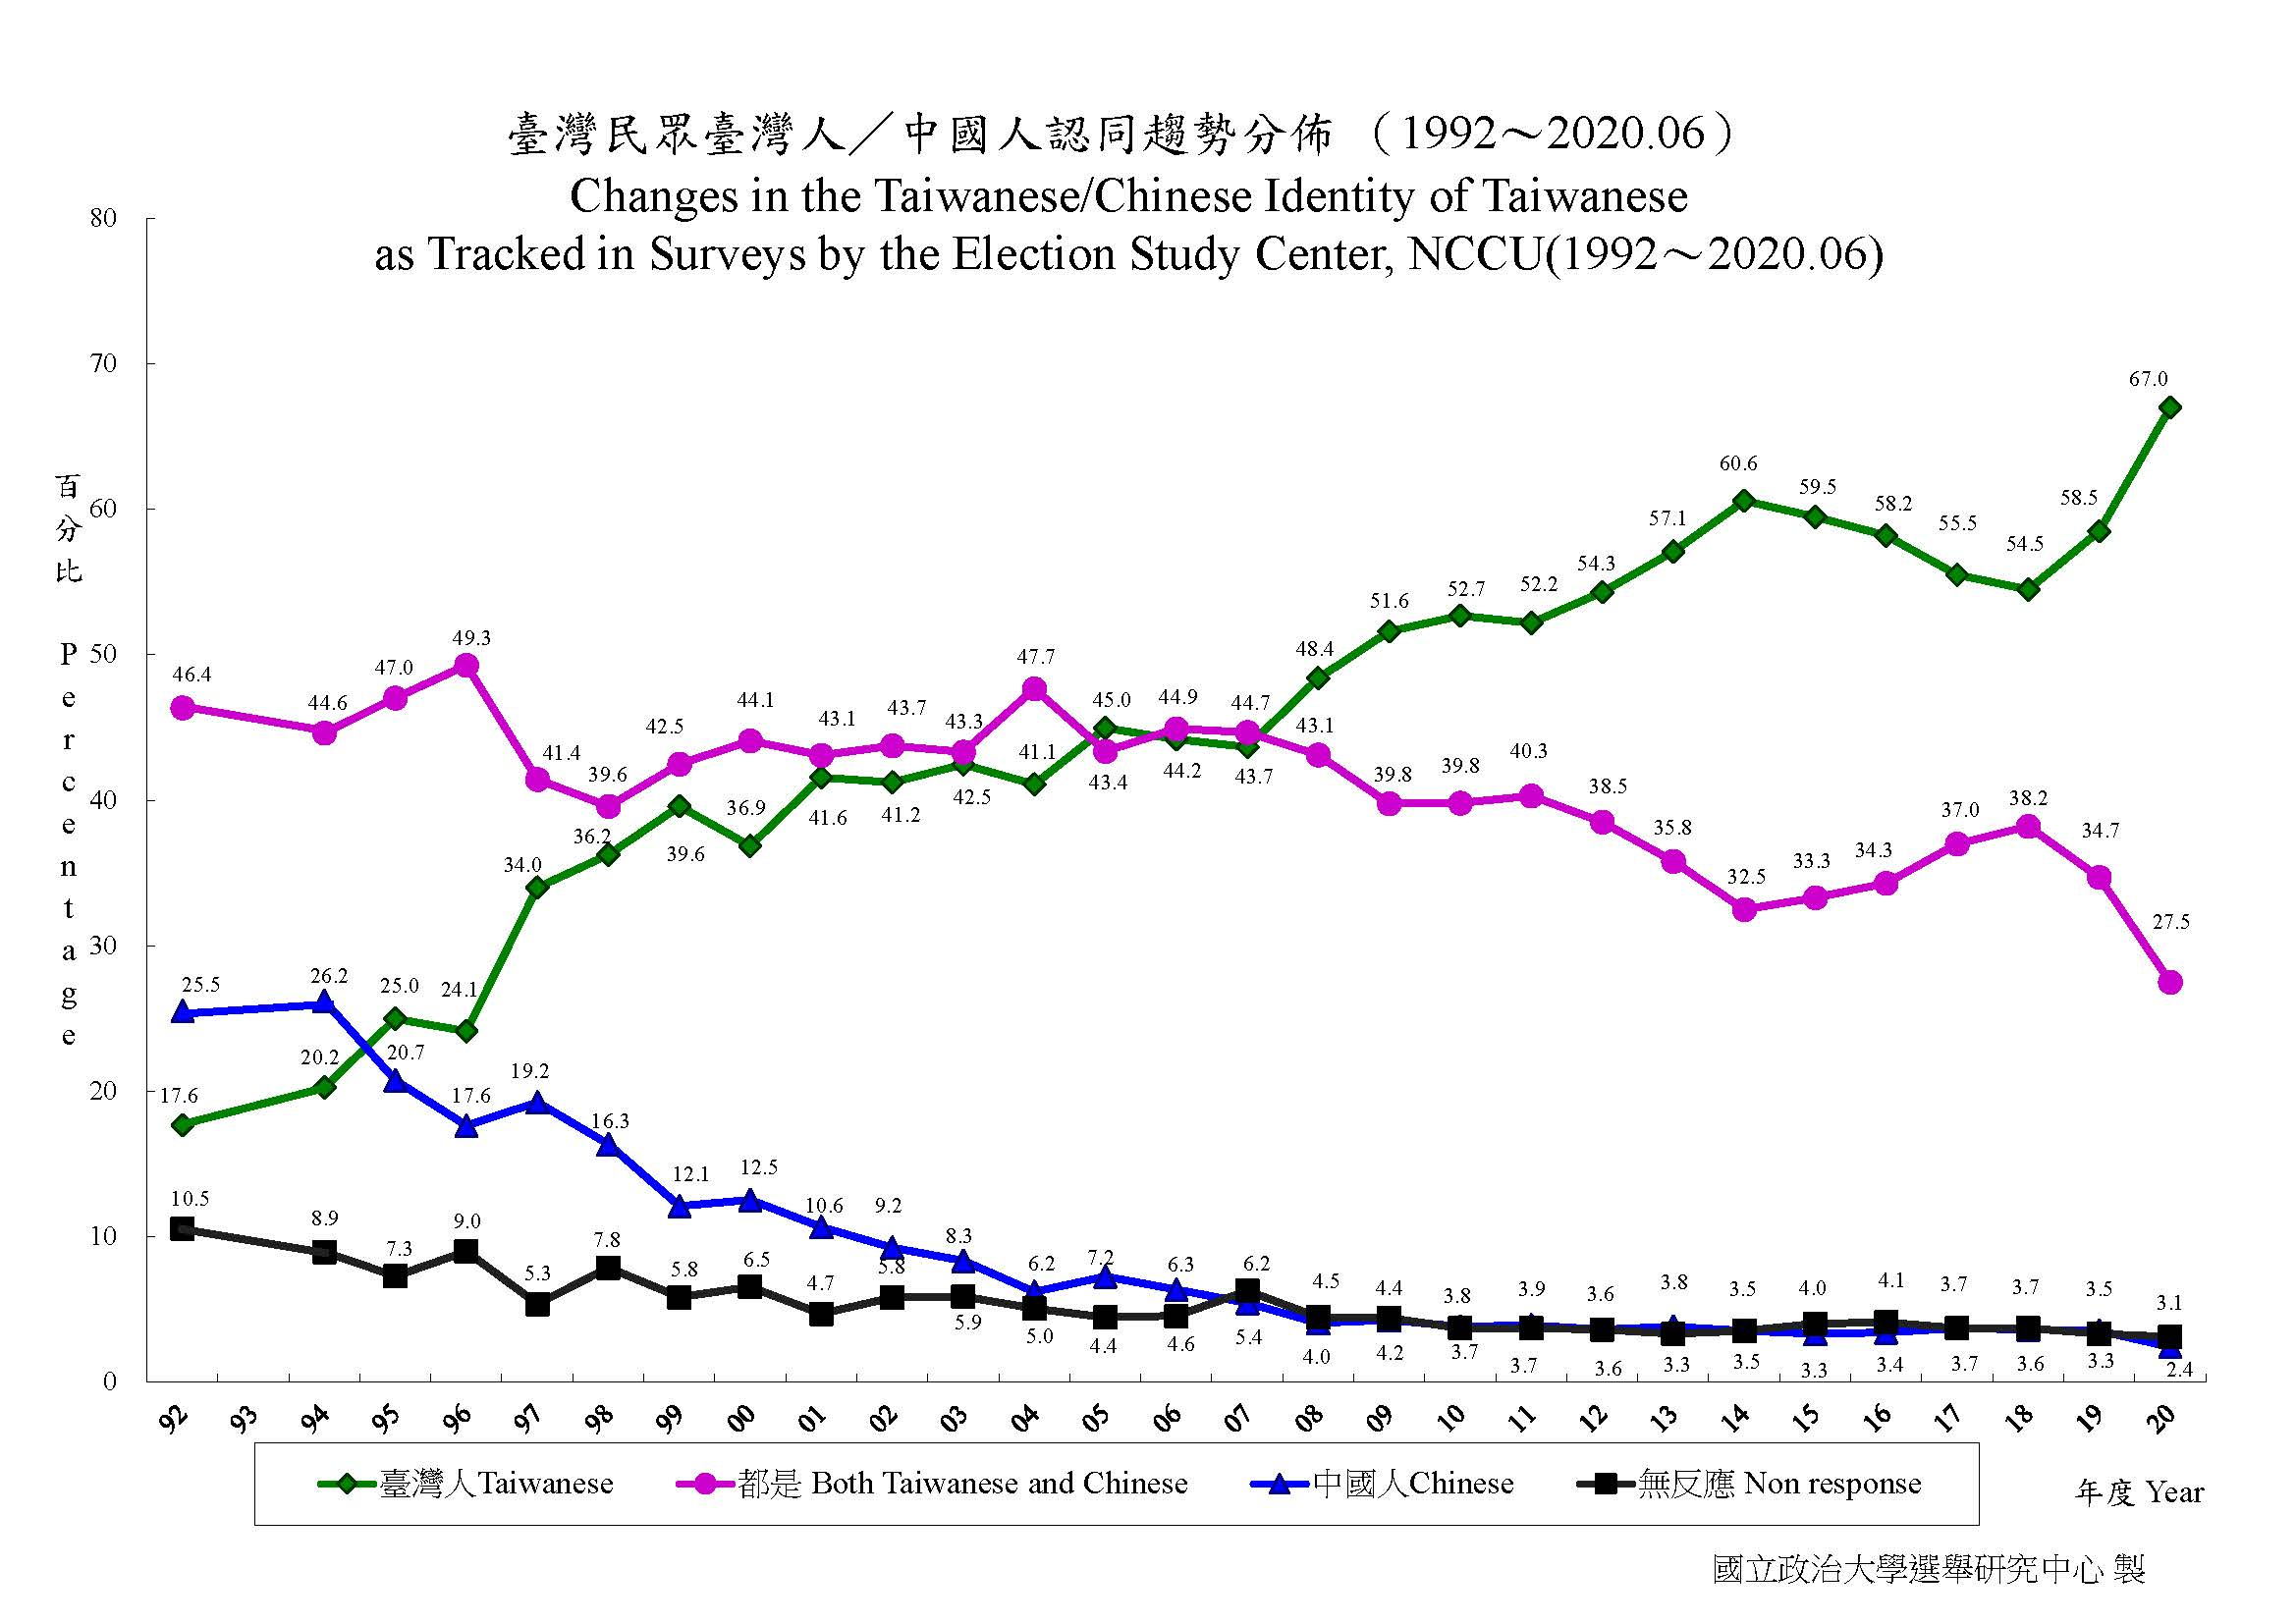 根據政治大學選研中心1996年和2020年的民調,在國族認同方面,自認是臺灣人(但不是中國人)的比率,從24.1%上升到67%;自認是(非臺灣人的)中國人的比率,從17.6%降到2.4%;自認是廣義中國人(包含自認「是臺灣人也是中國人」)的比率,從66.9%降到29.9%。(資料擷取自:政治大學選舉研究中心)